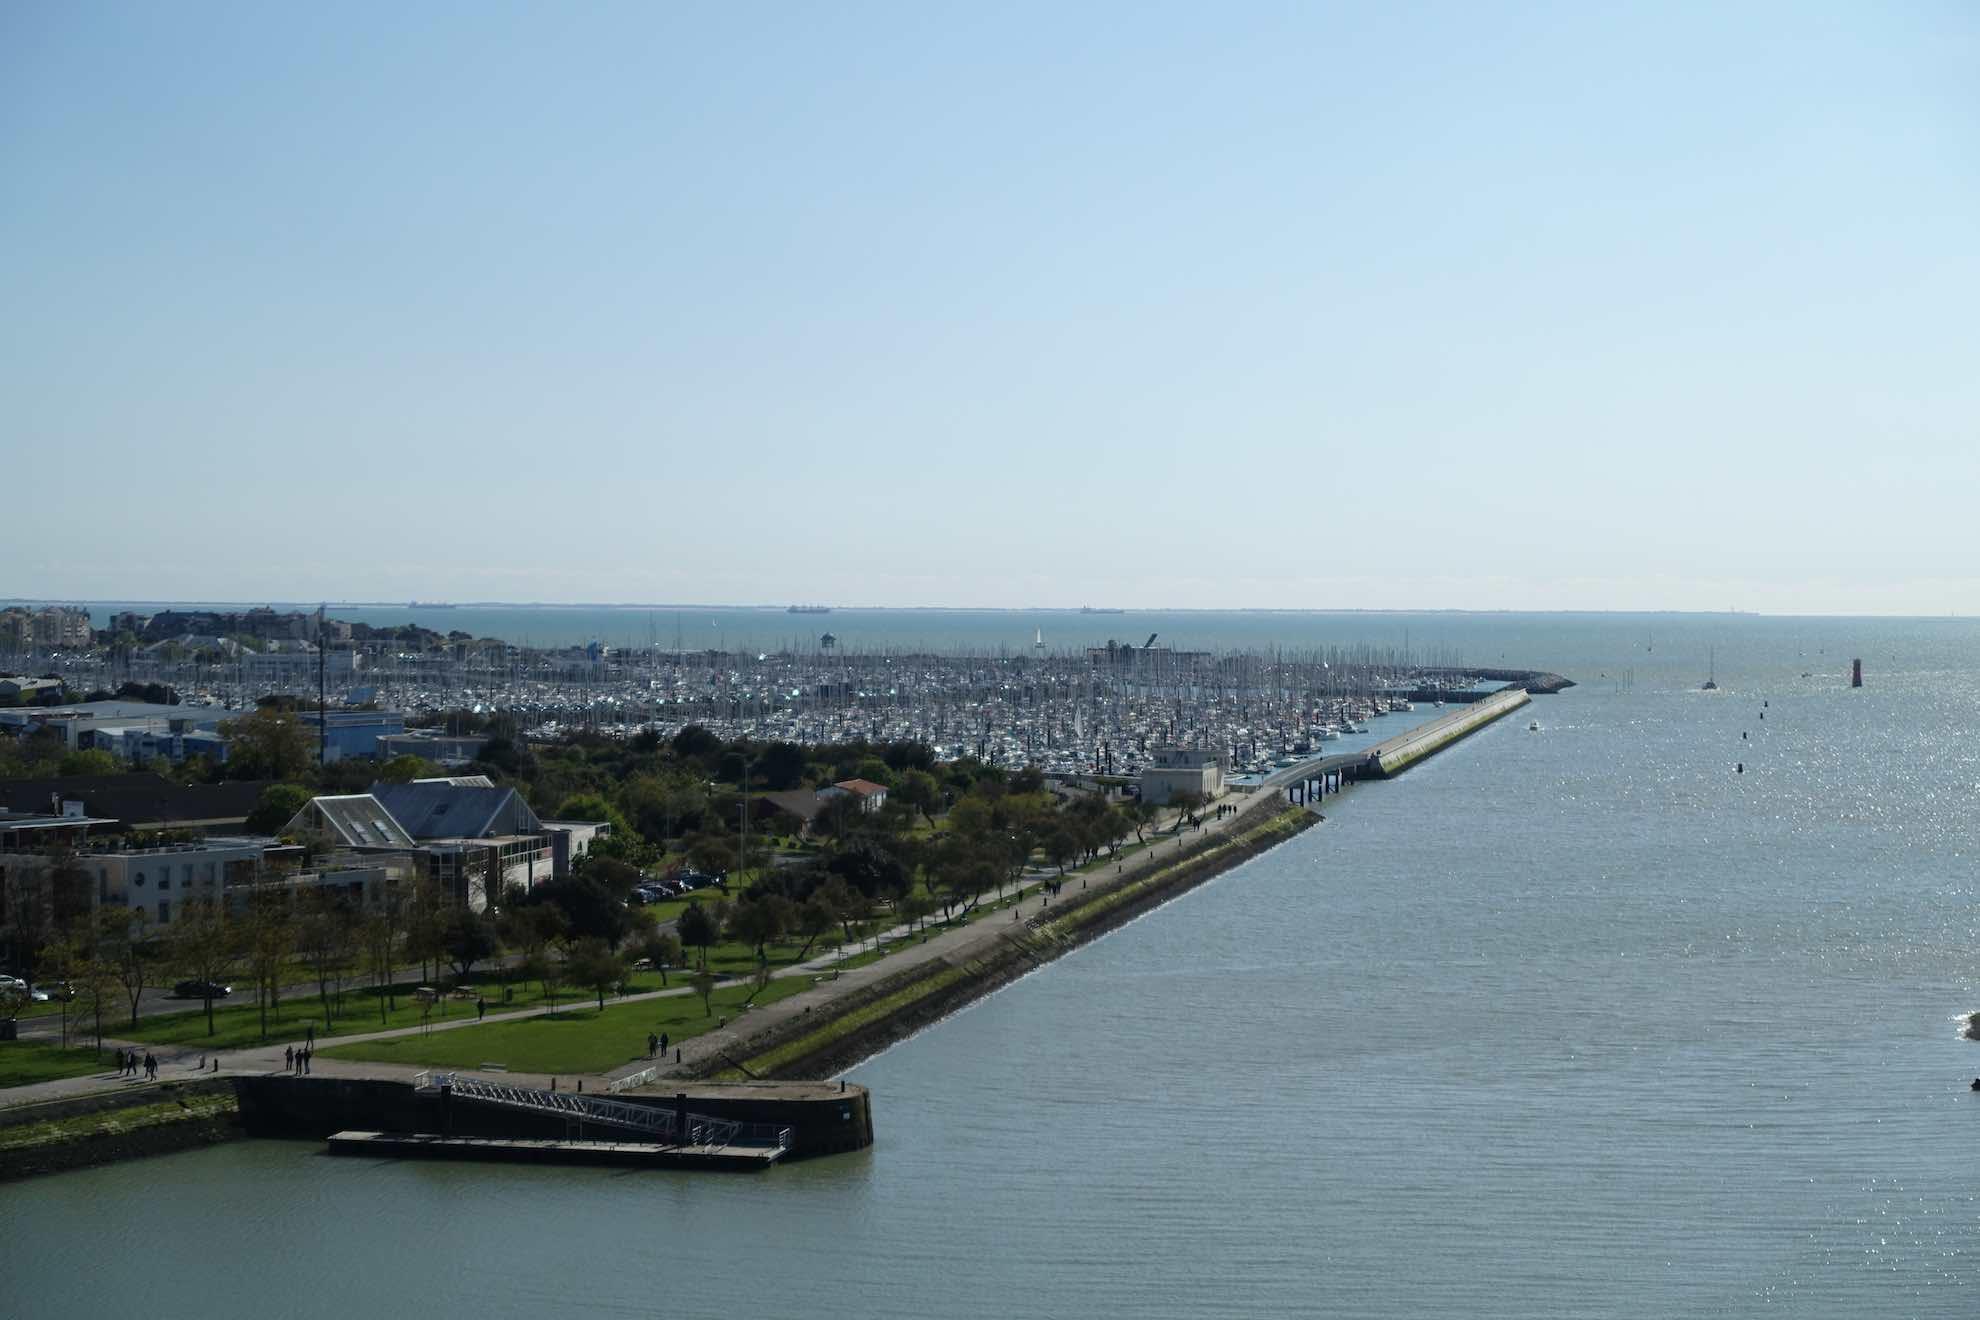 Der Freizeithafen ist einer der grössten Europas. Er bietet Platz für tausende Boote